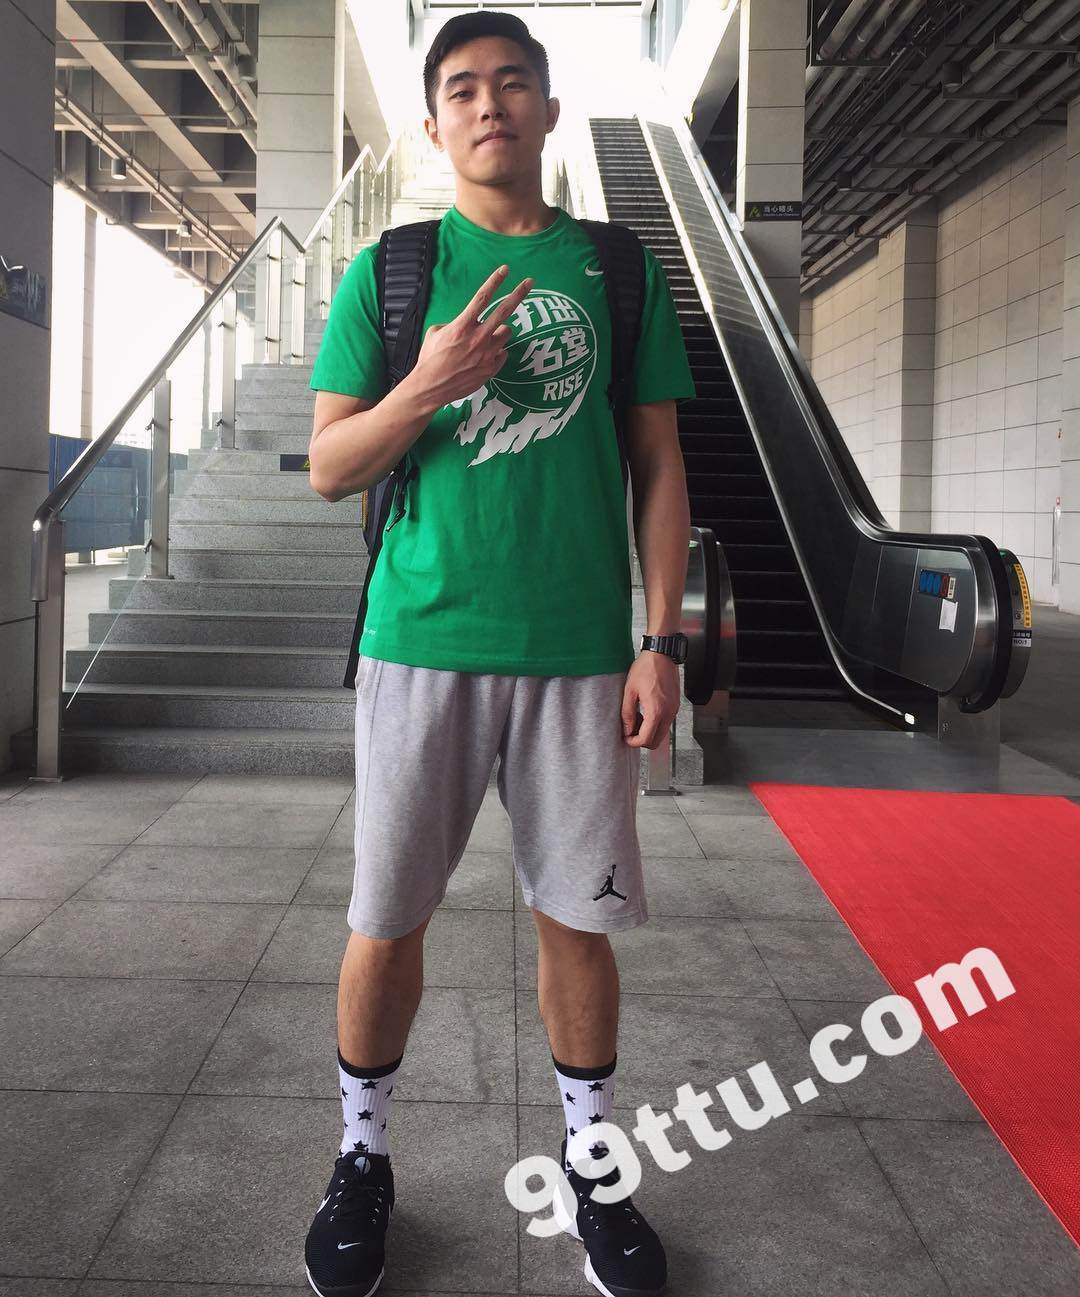 M09男图210照片+3视频(年轻帅哥学生男神爱好篮球好身材真实男士青年)-12